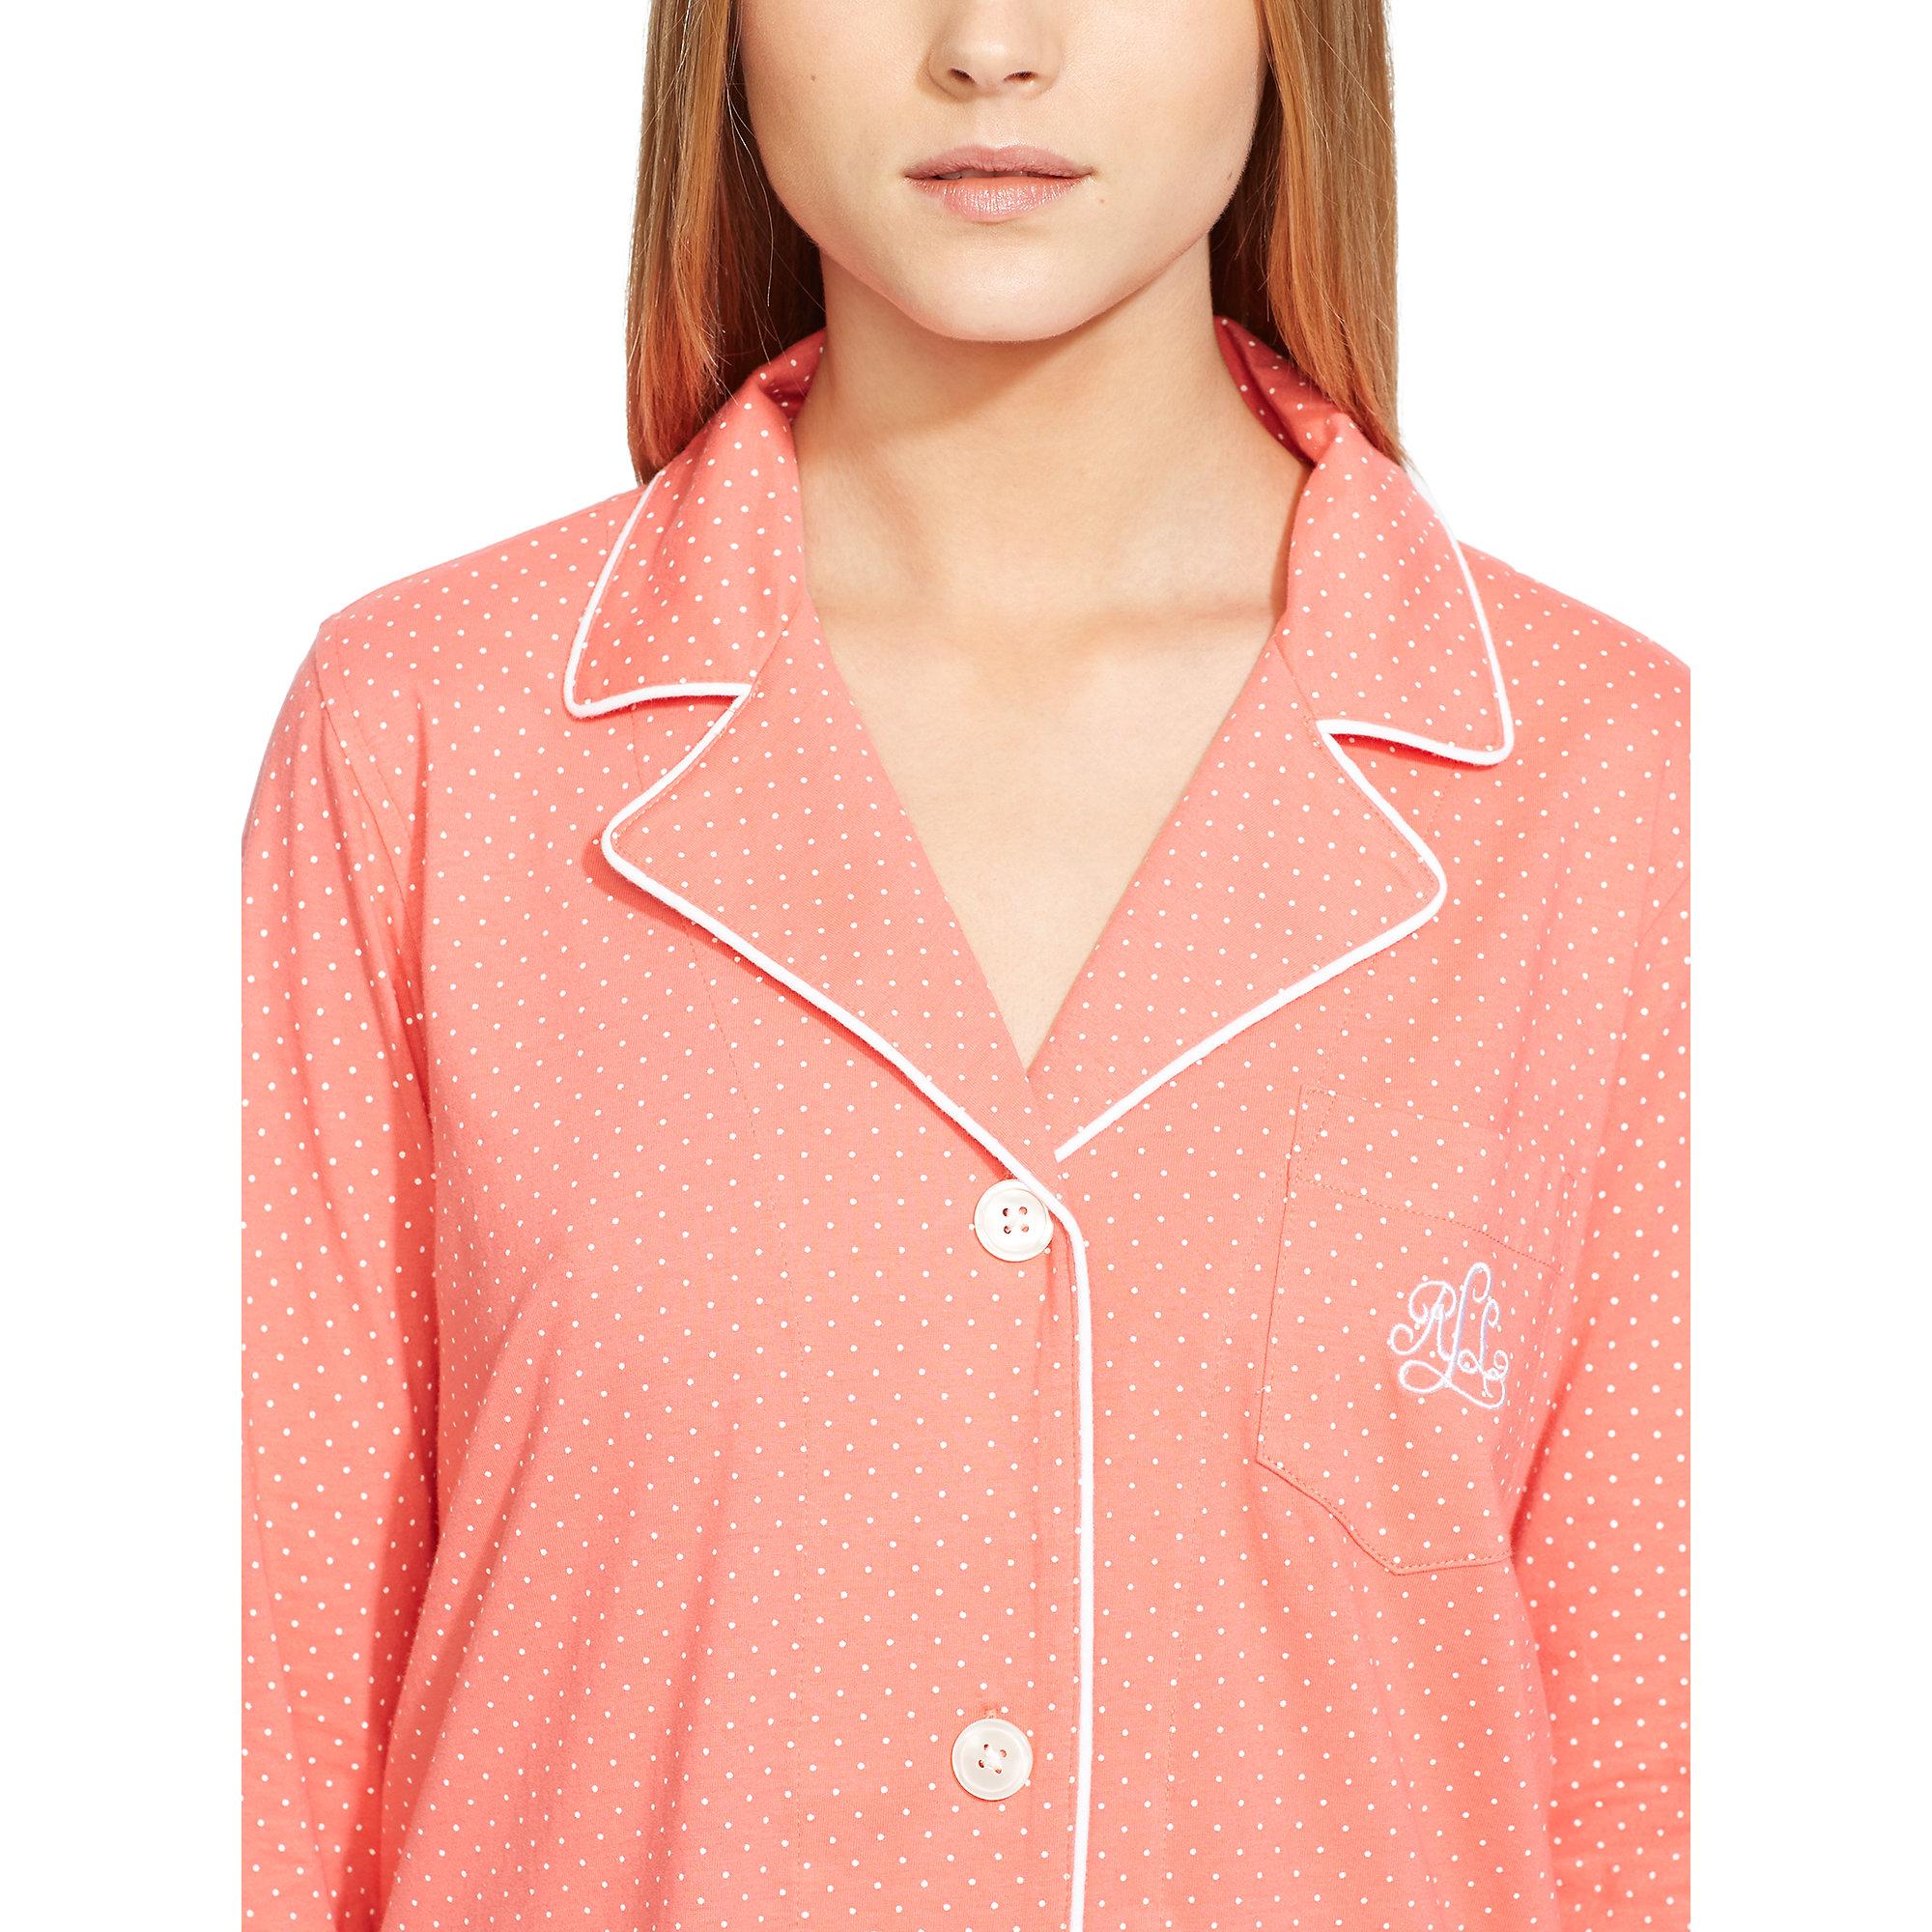 Ralph lauren polka dot sleep shirt in pink lyst for Pink and white ralph lauren shirt